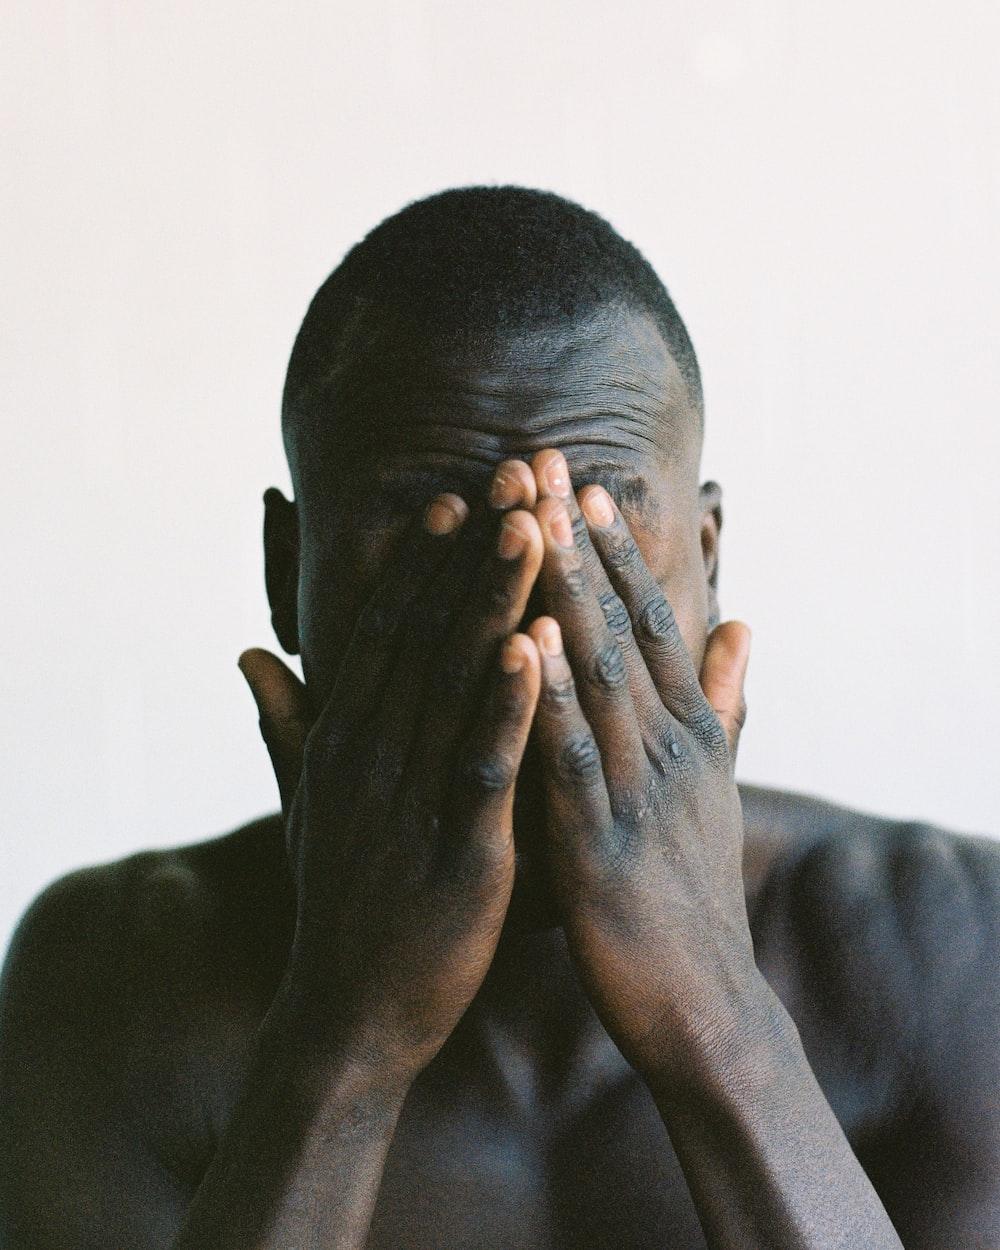 man face portrait